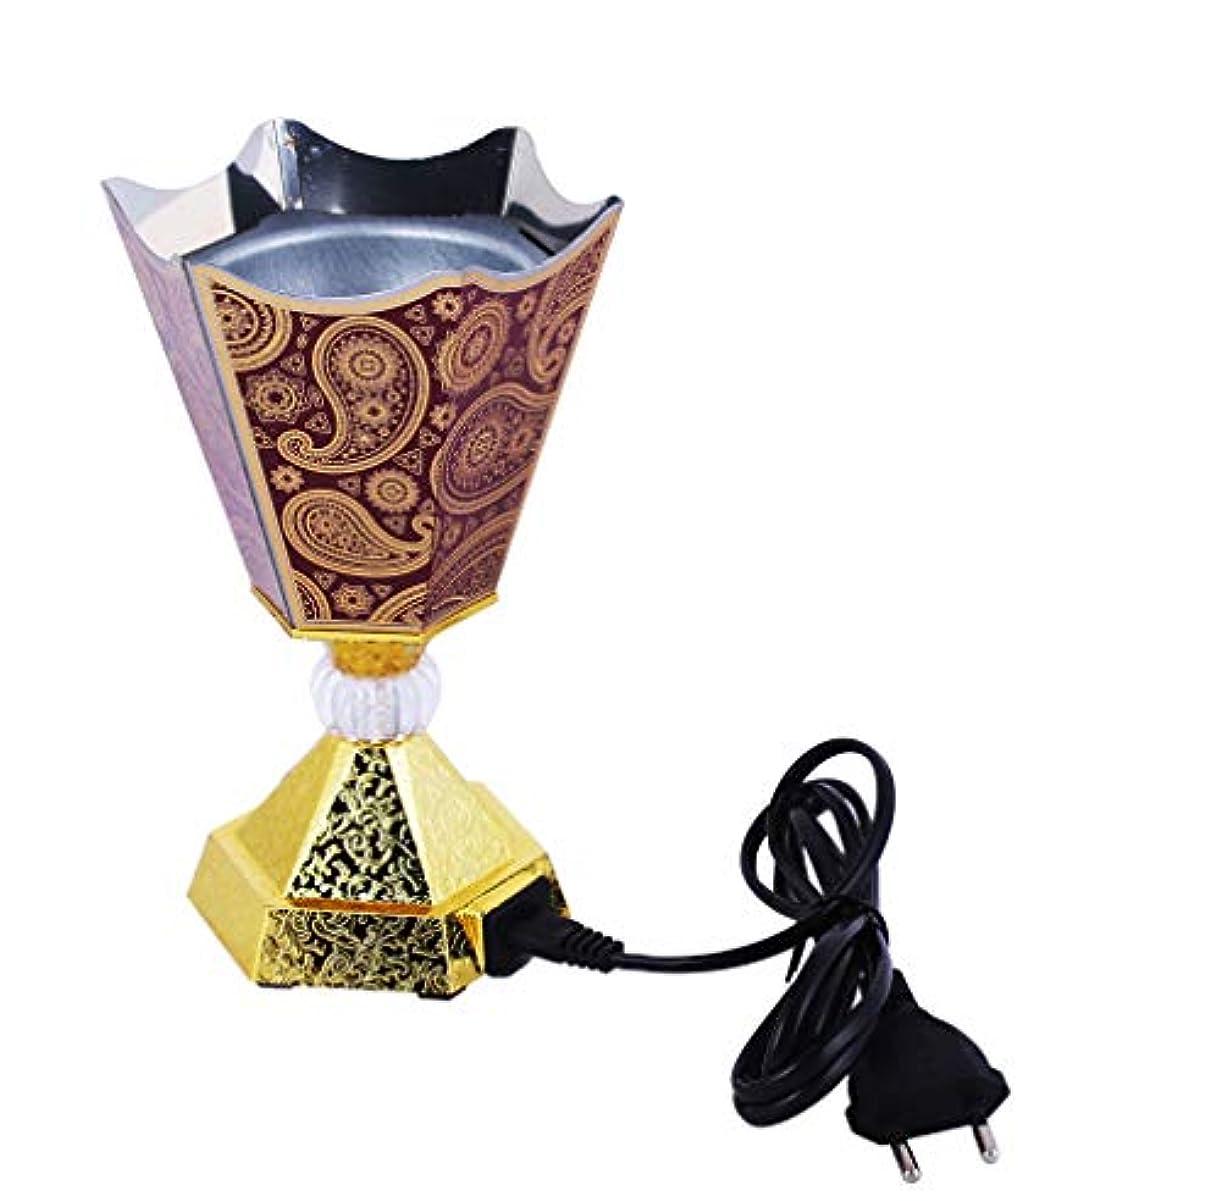 発掘するハード金曜日Vintage Style Incense Bakhoor/Oud Burner Frankincense Incense Holder Electric, Best for Gifting